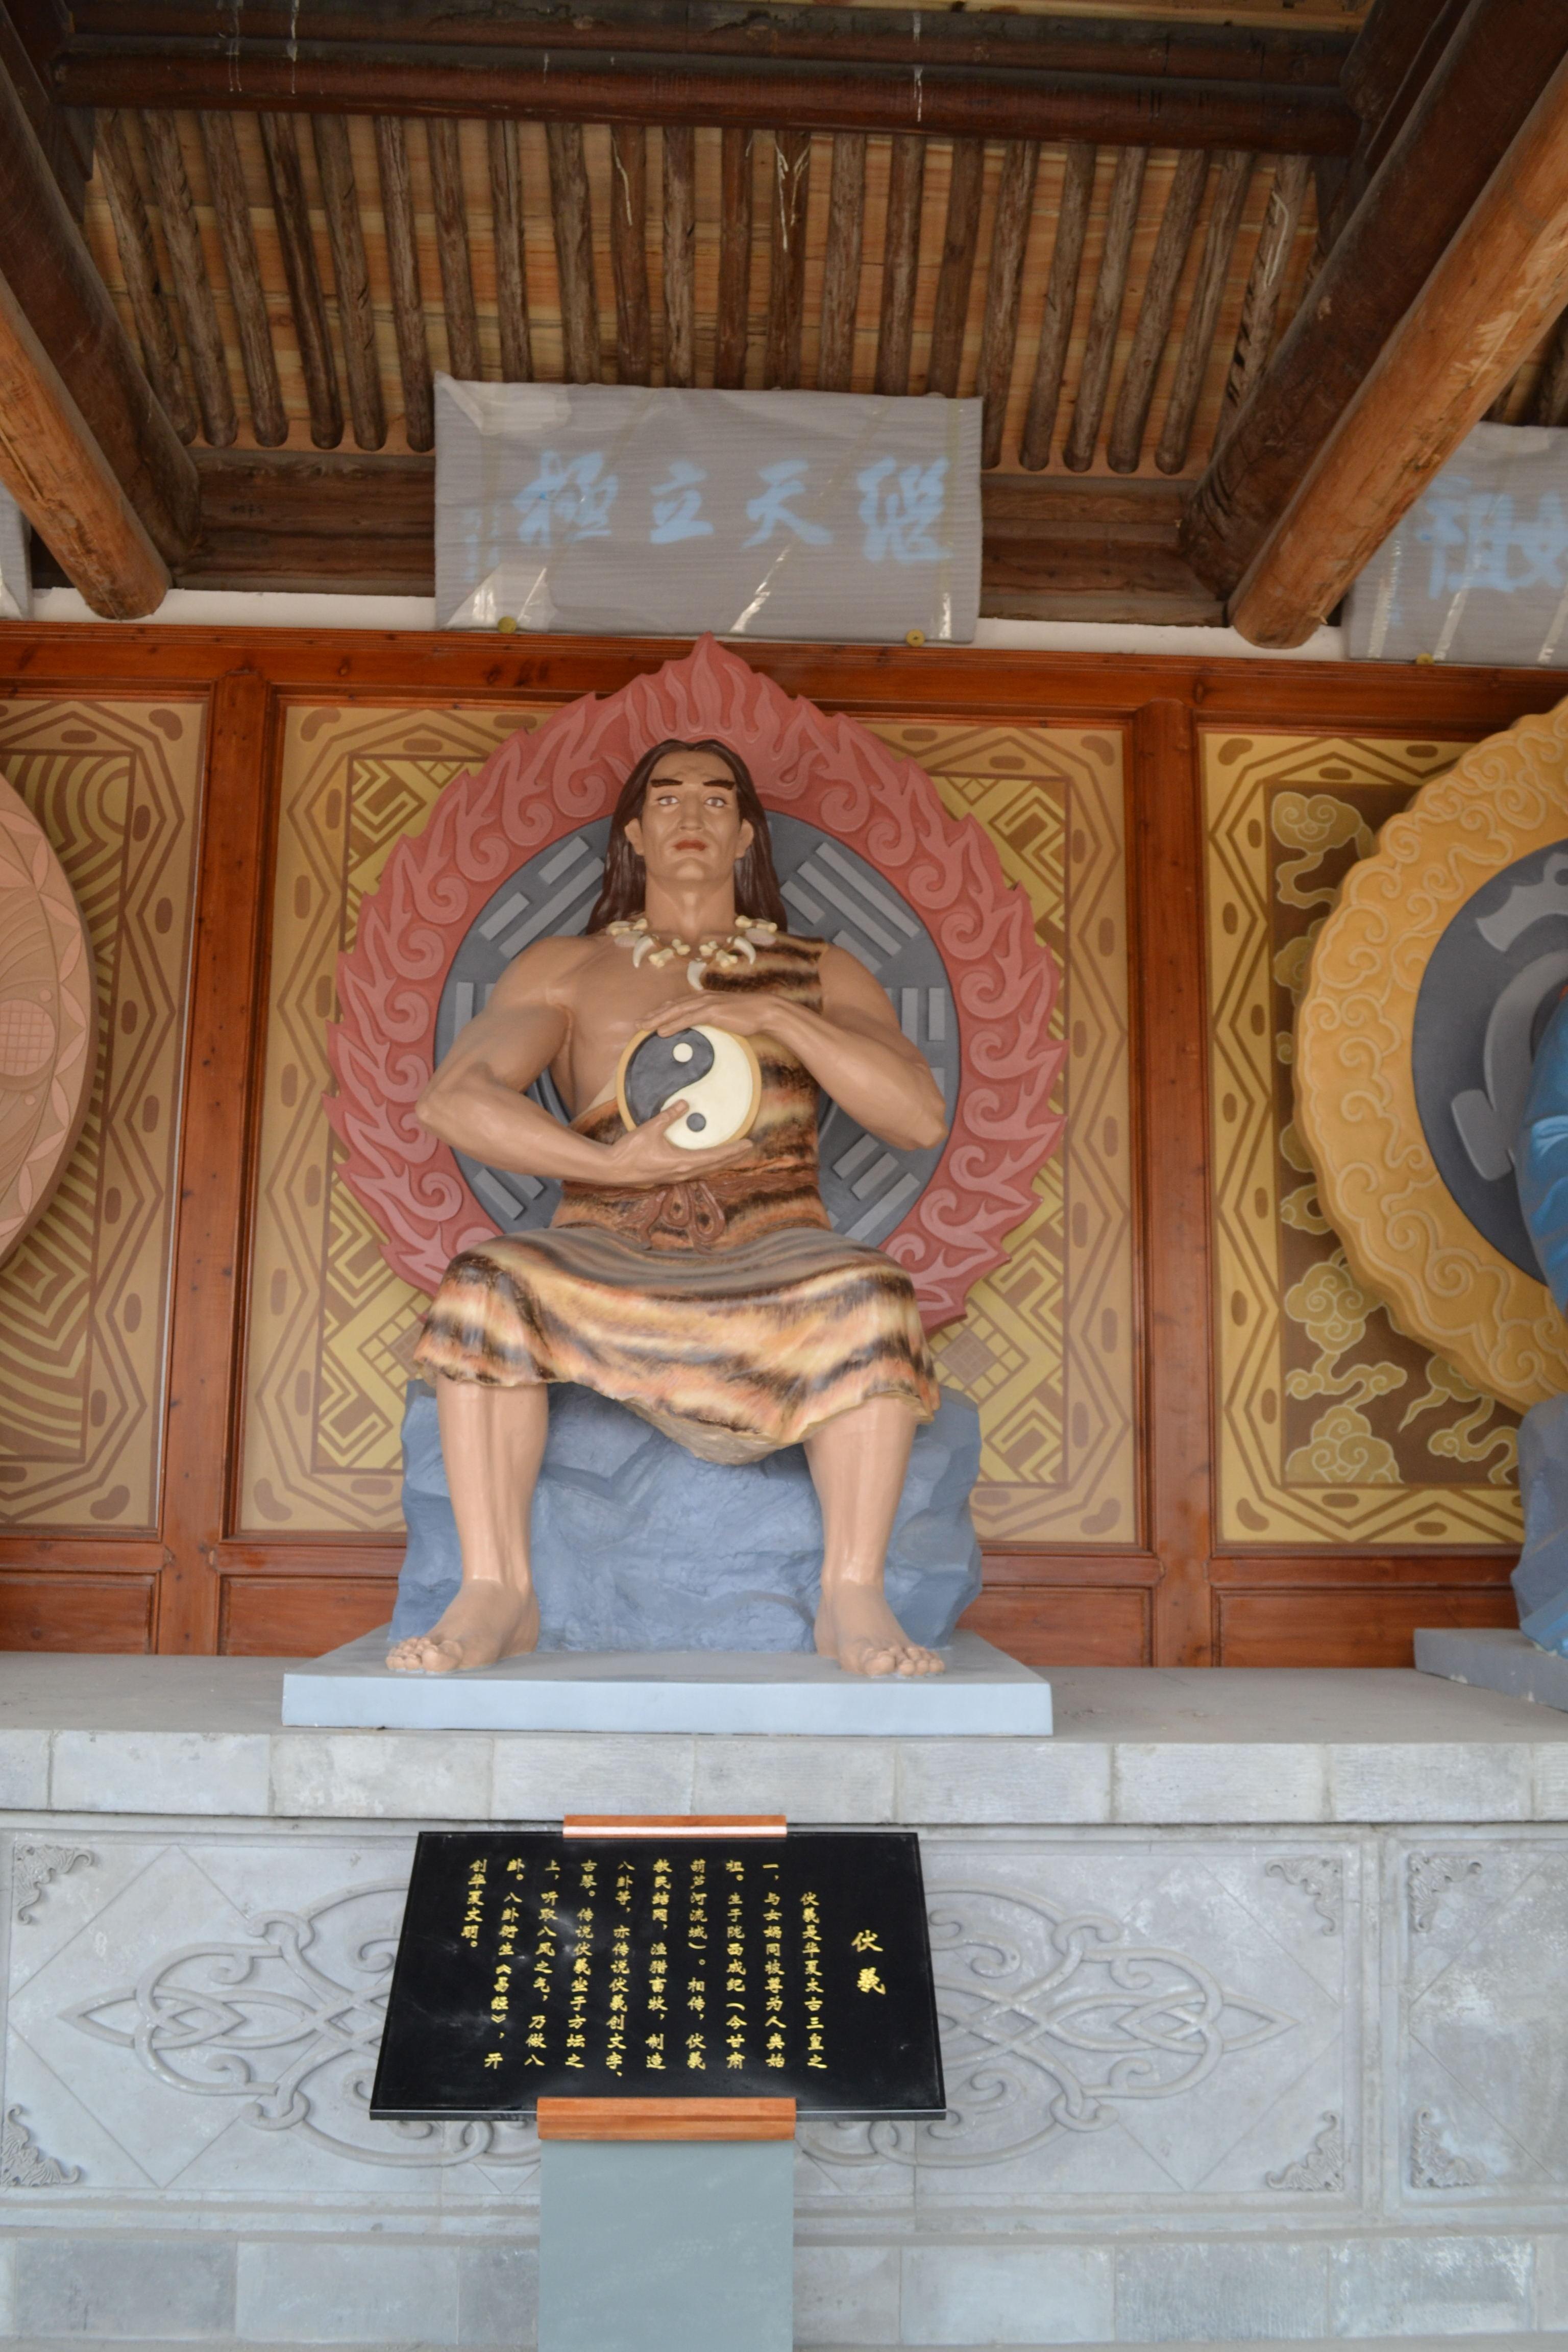 2015年兰州市五泉山文化恢复工程中伏羲坐像